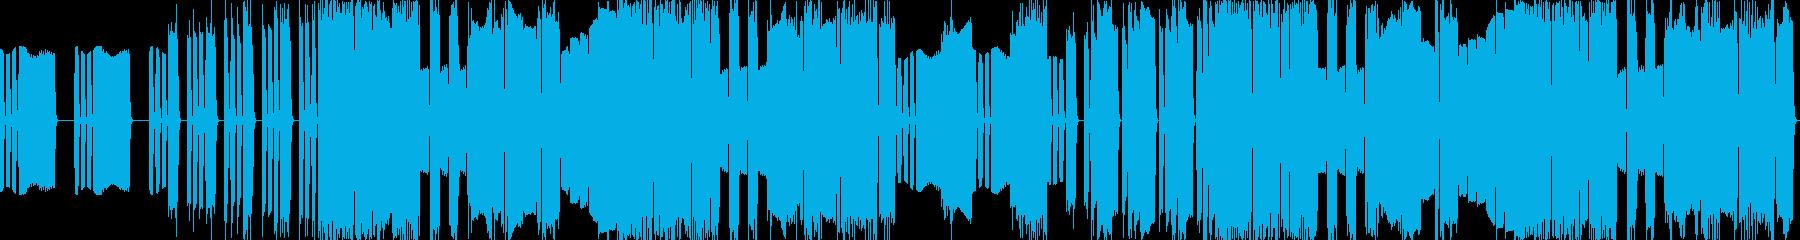 メンデルスゾーンの結婚行進曲の冒頭をレ…の再生済みの波形